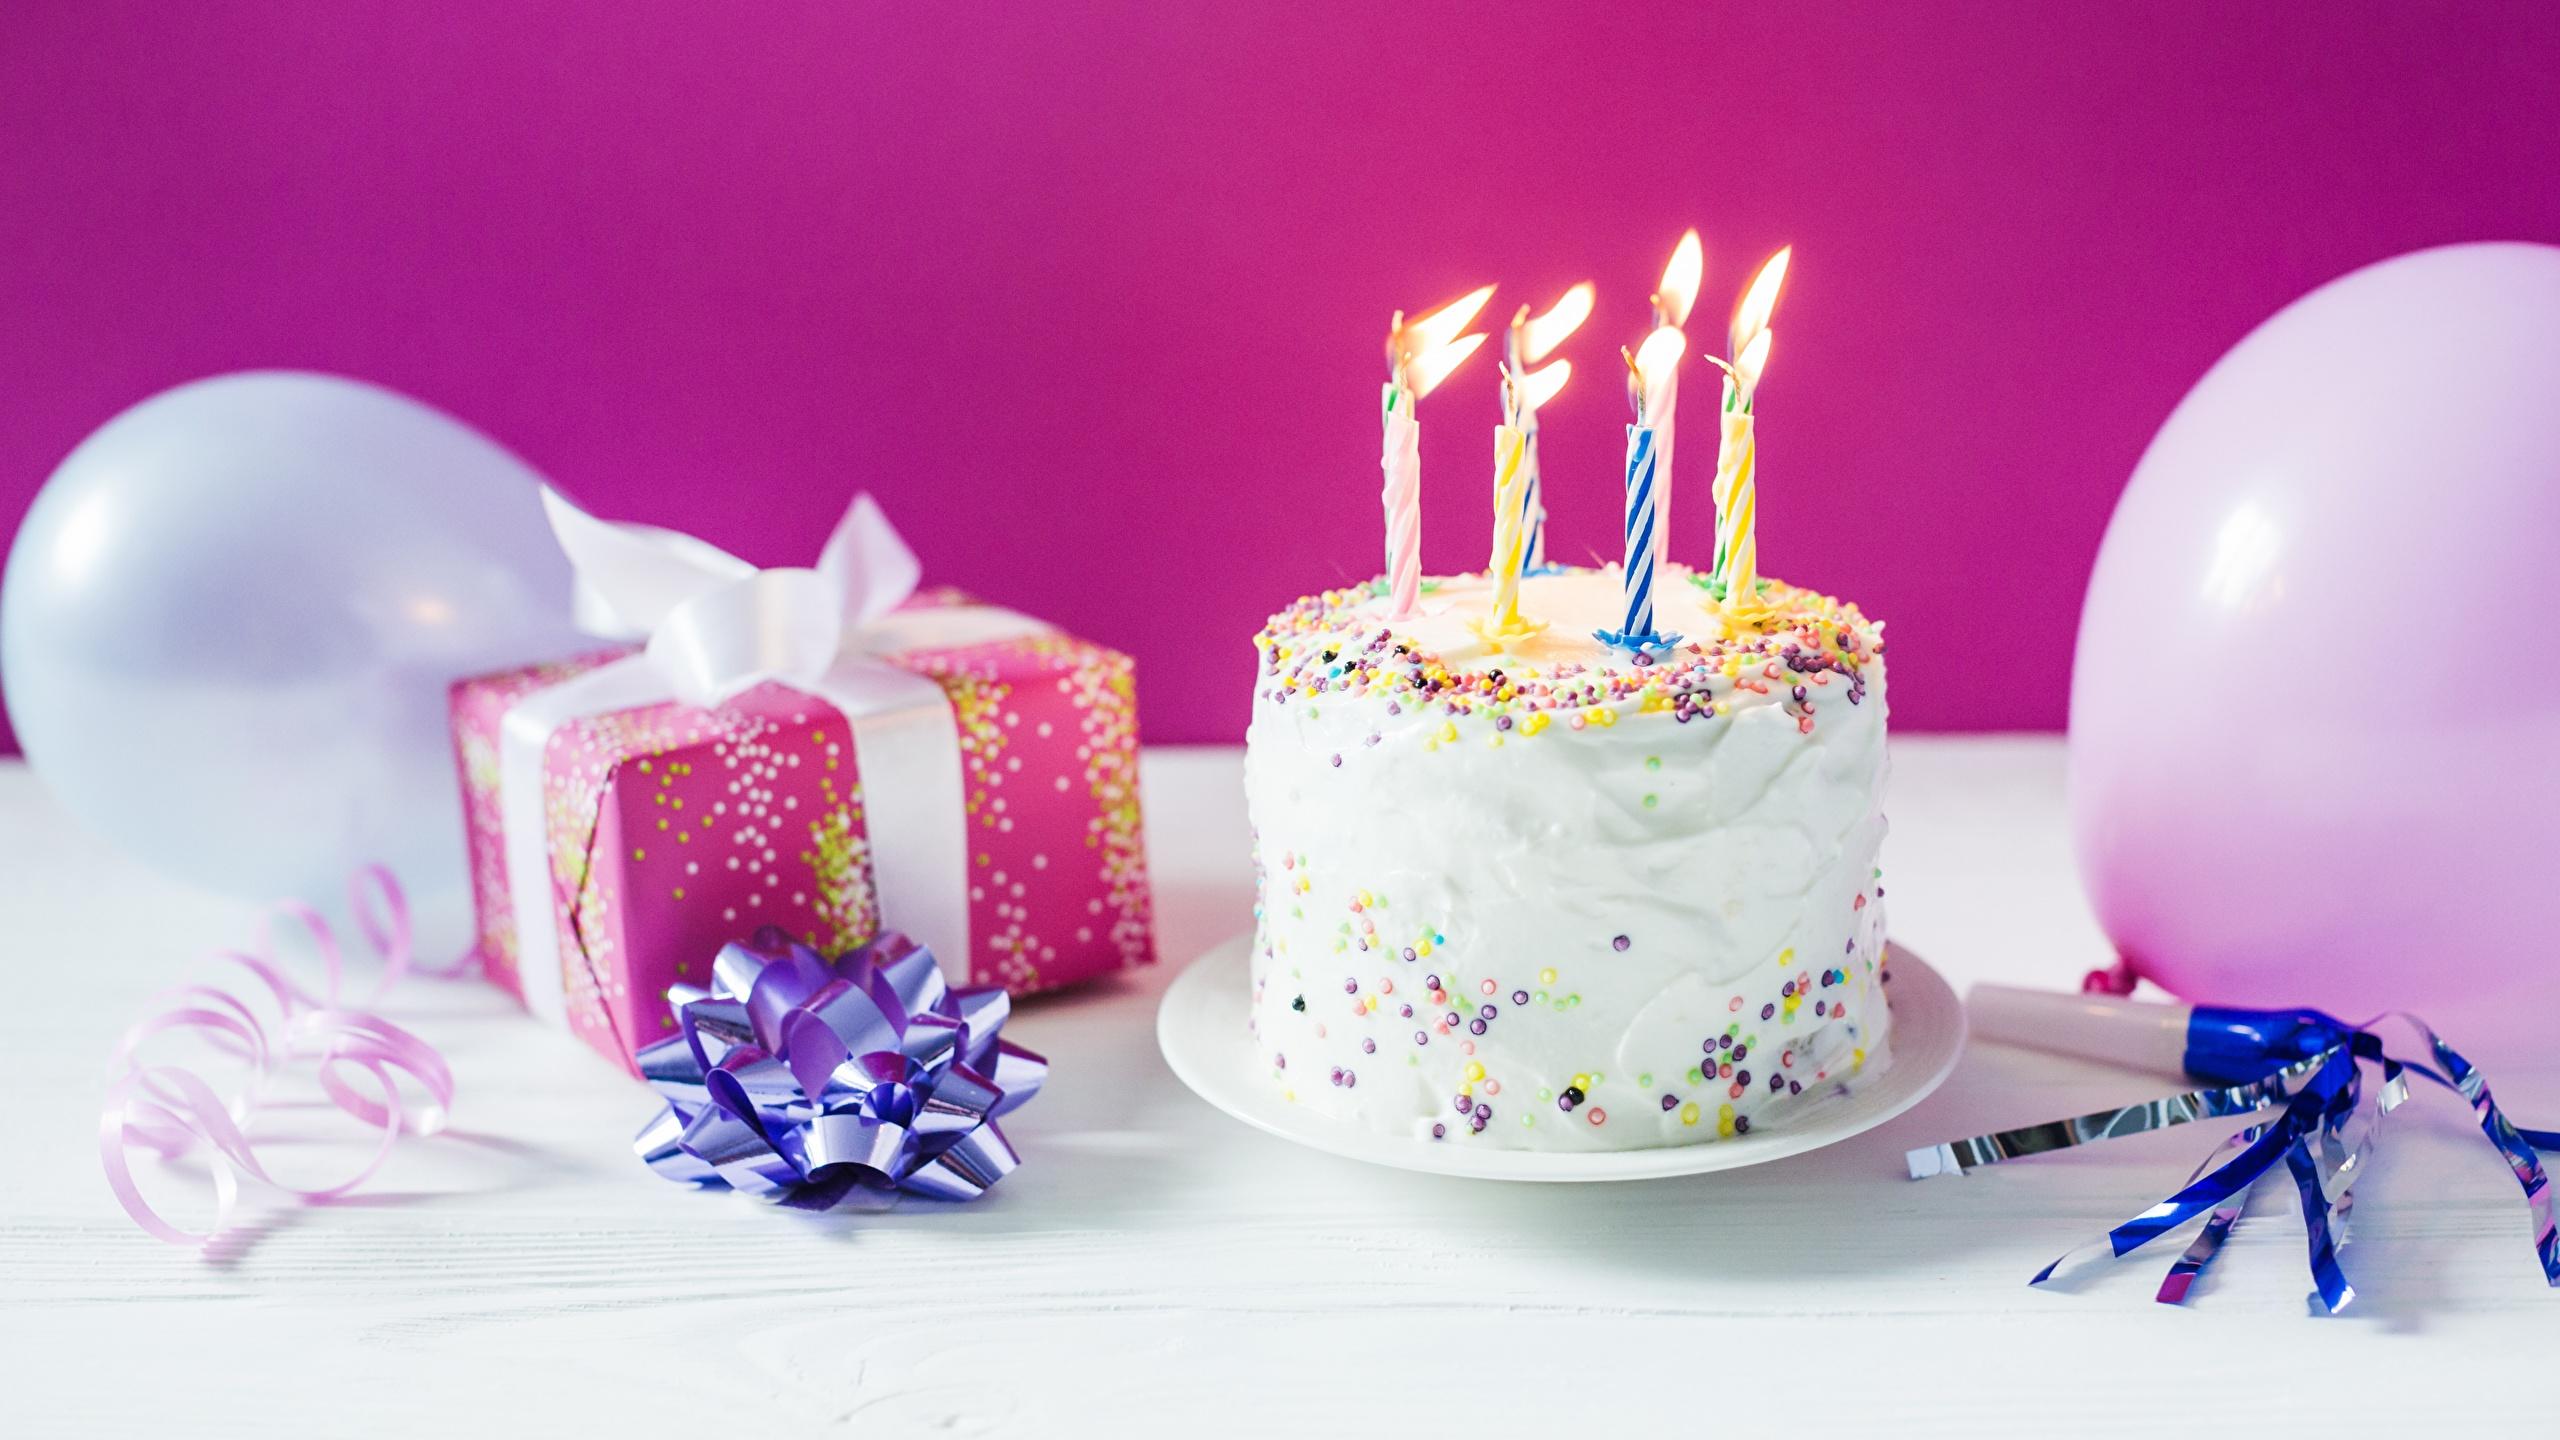 Фотография День рождения Торты подарков Пища Свечи Праздники 2560x1440 Подарки подарок Еда Продукты питания